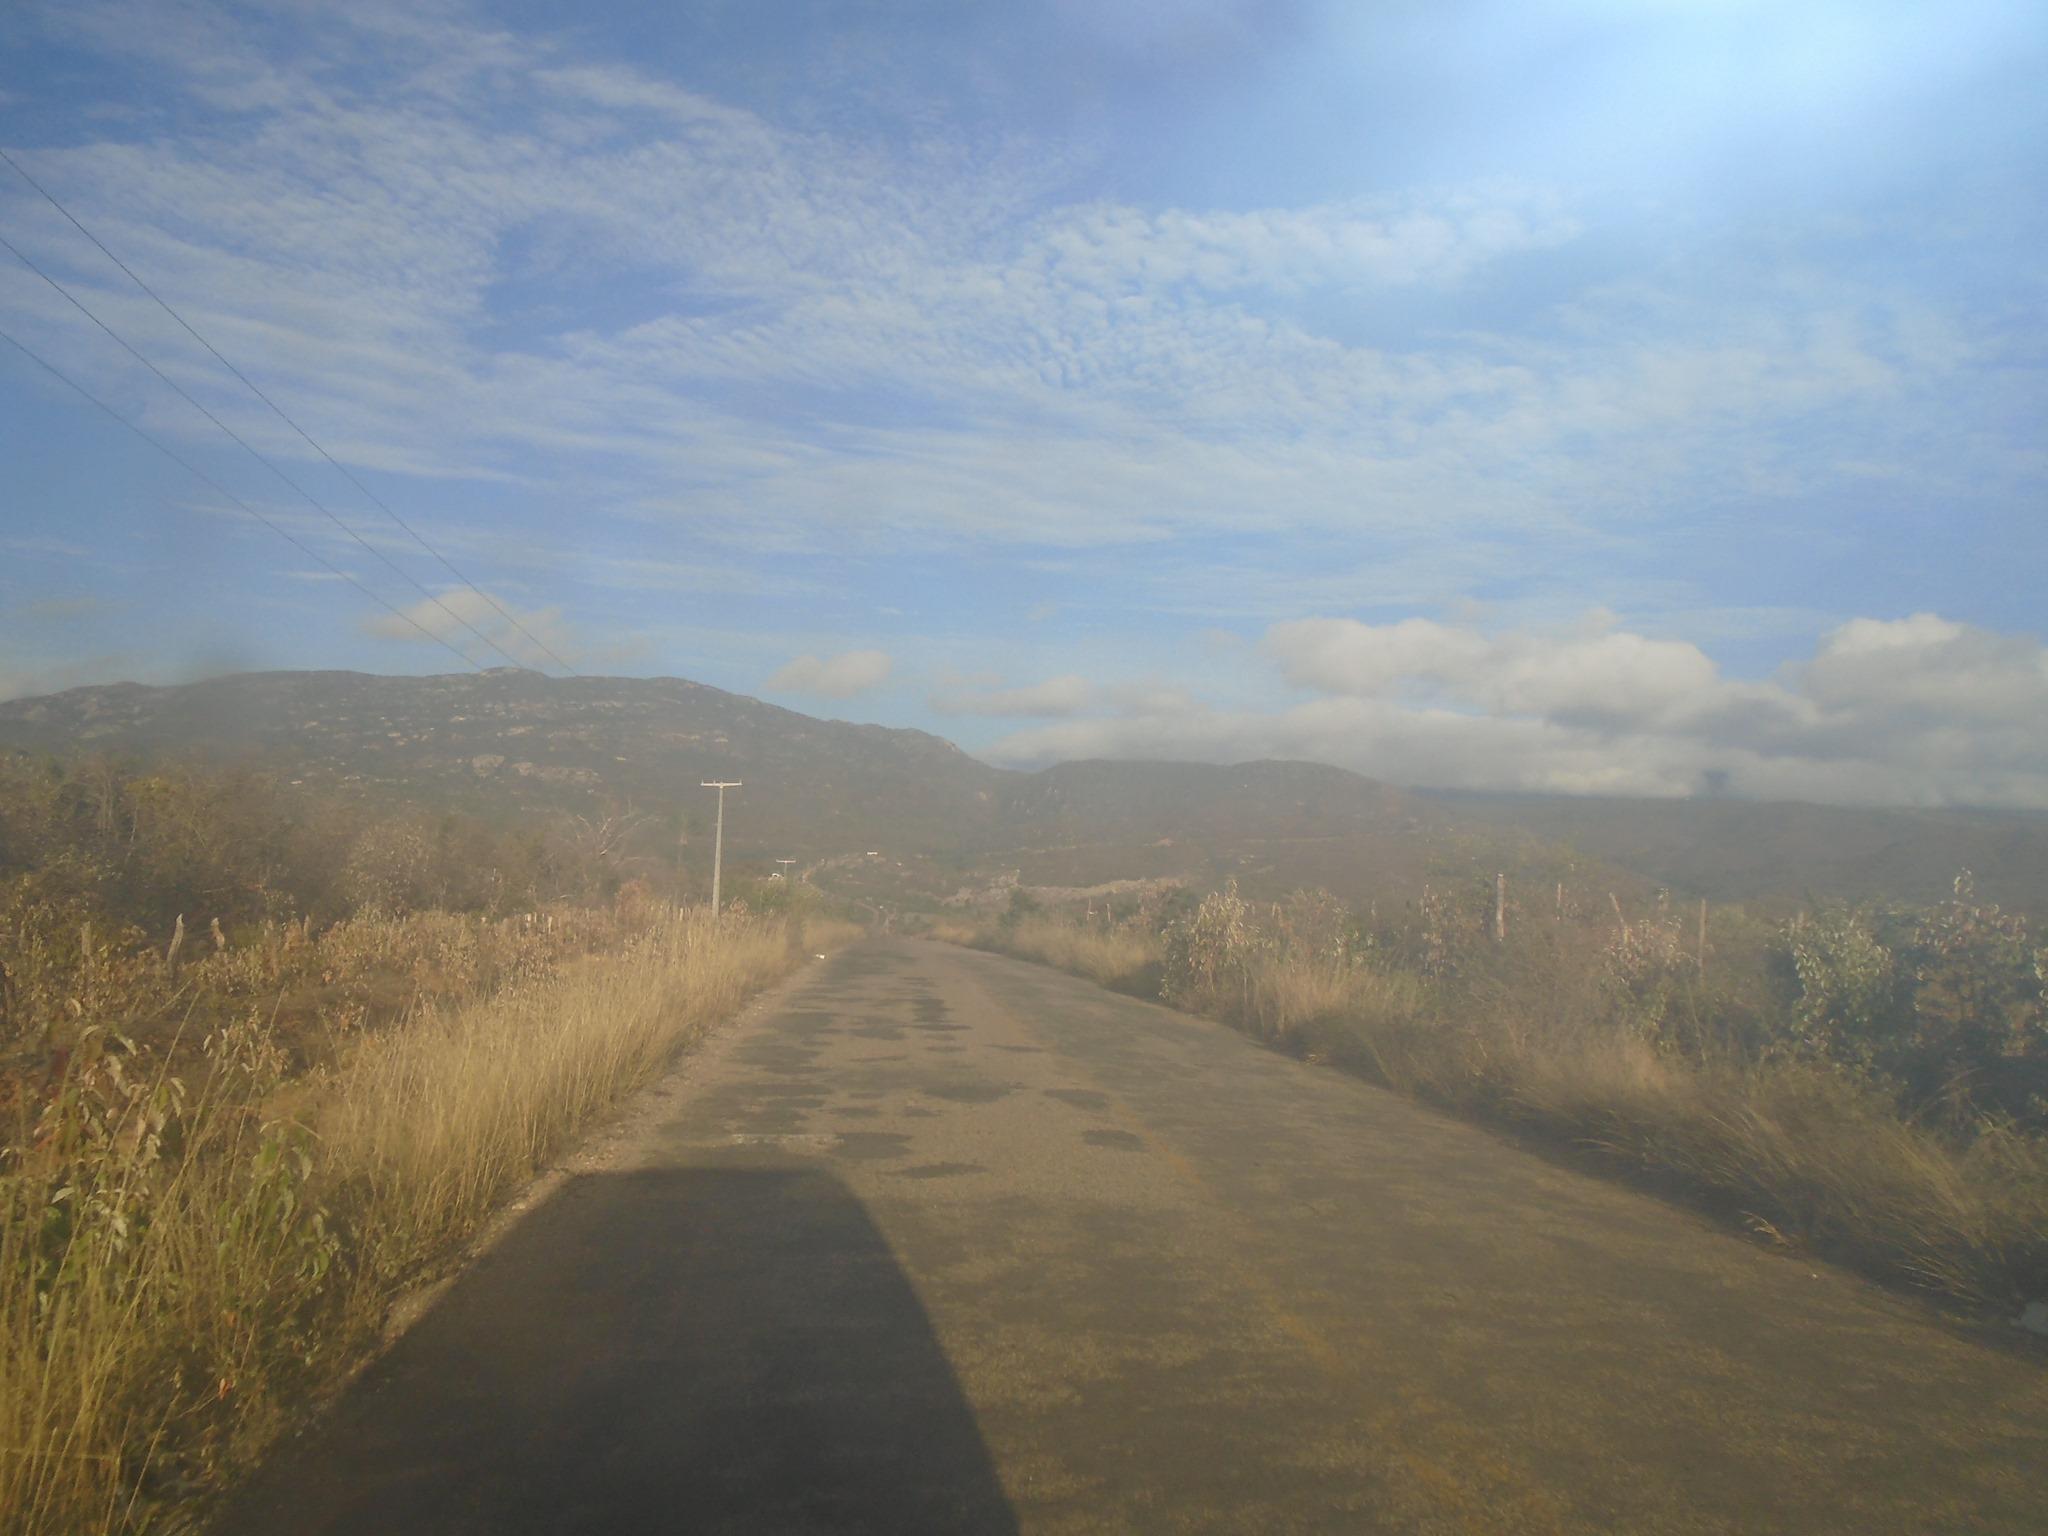 Fotos-uit-de-regio-van-Ibitiara-en-Seabra-aan-de-grote-BR-242-89